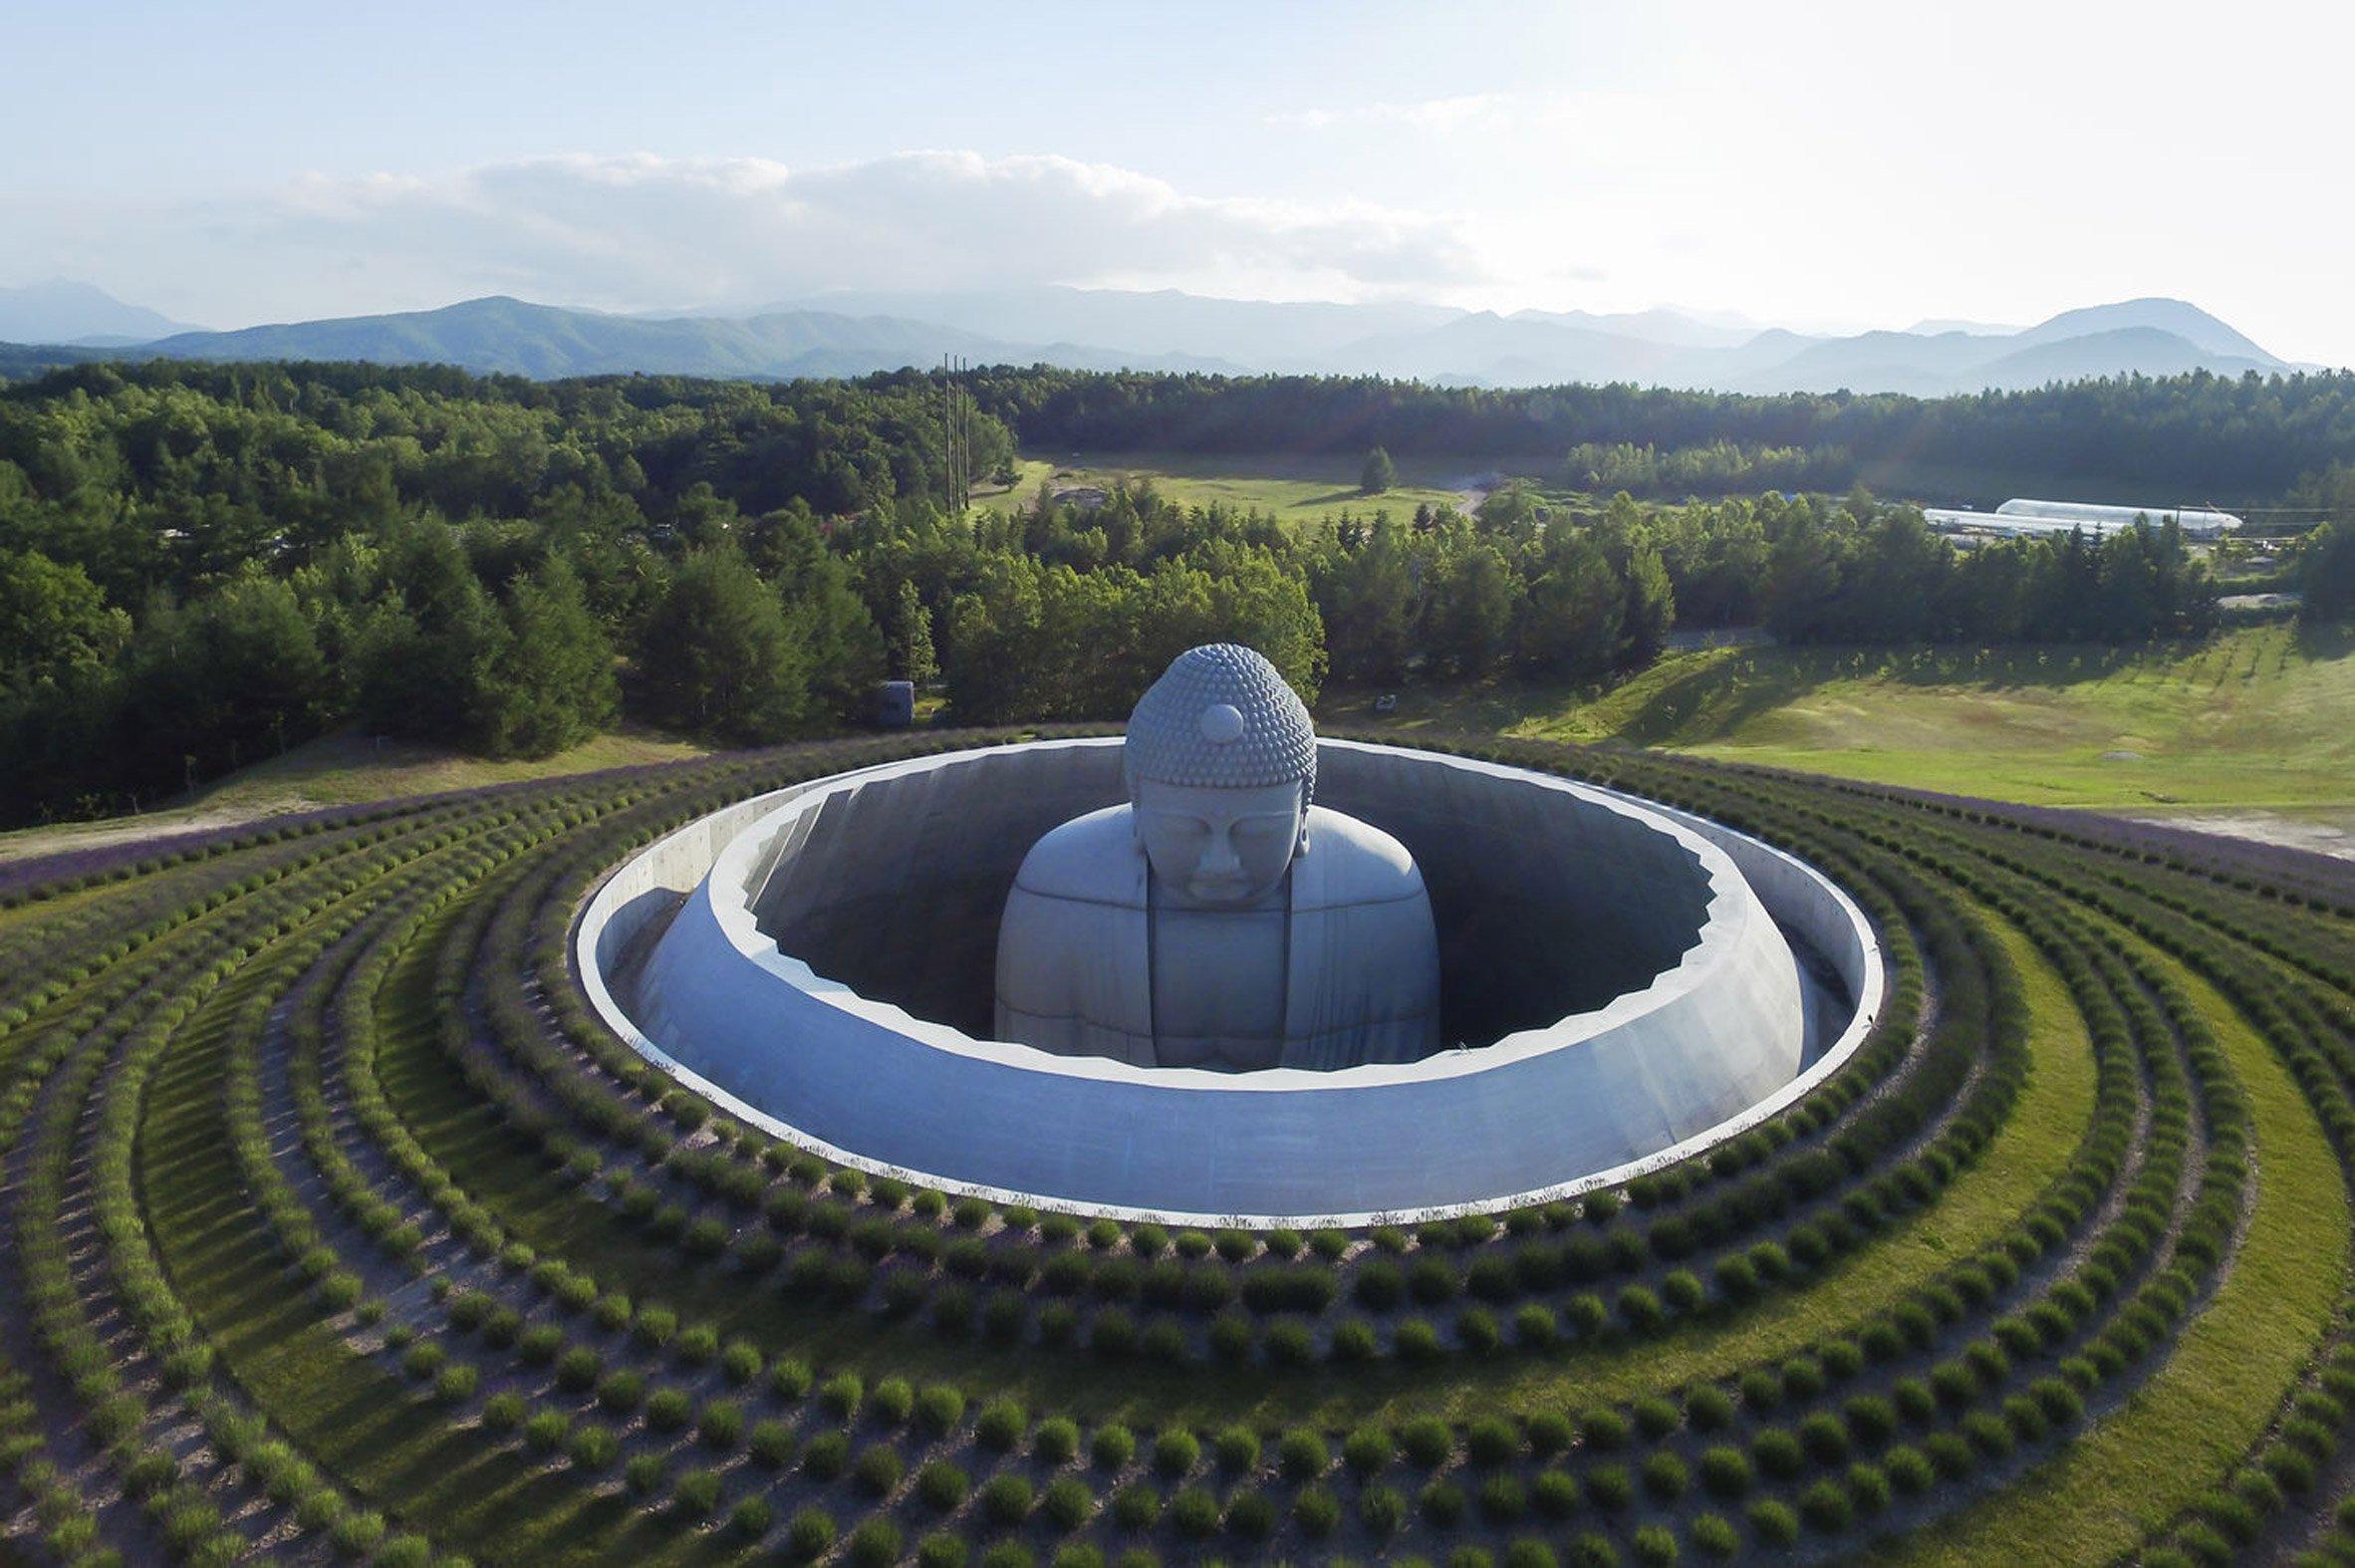 Viếng thăm ngọn đồi của Đức Phật tại Sapporo